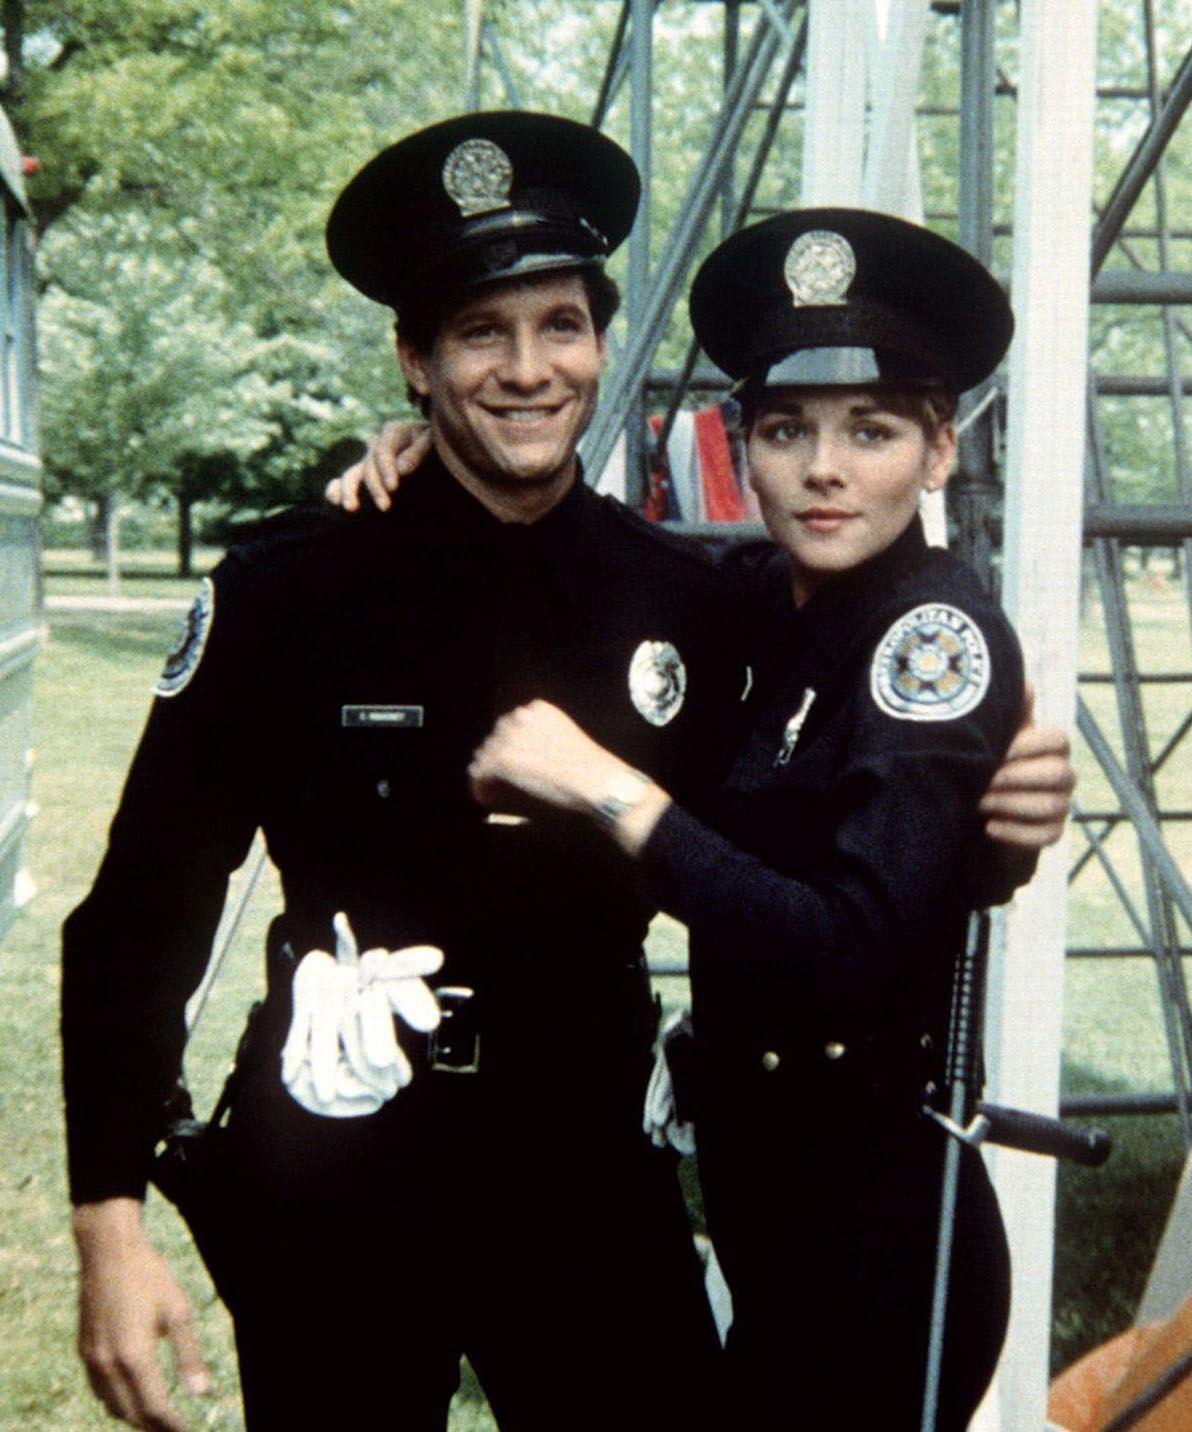 Steve Guttenberg Y Kim Cattrall En Loca Academia De Policía Police Academy 1984 Kim Cattrall Academia De Policía Steve Guttenberg